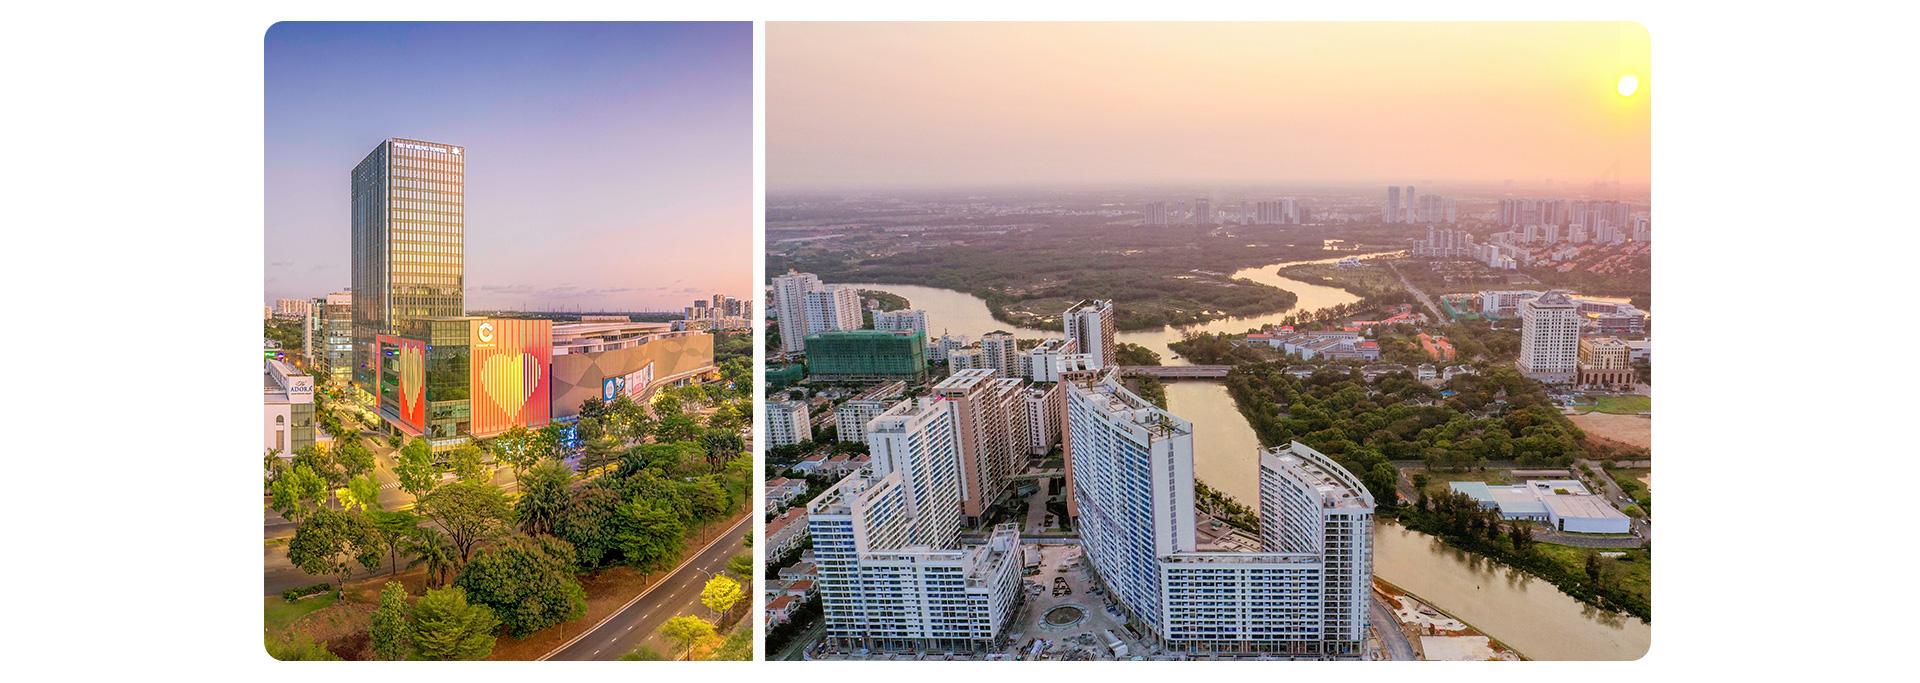 Bất động sản TPHCM: Sôi động nhiều nơi, nhưng Phú Mỹ Hưng mới có nhiều cơ hội - Ảnh 3.